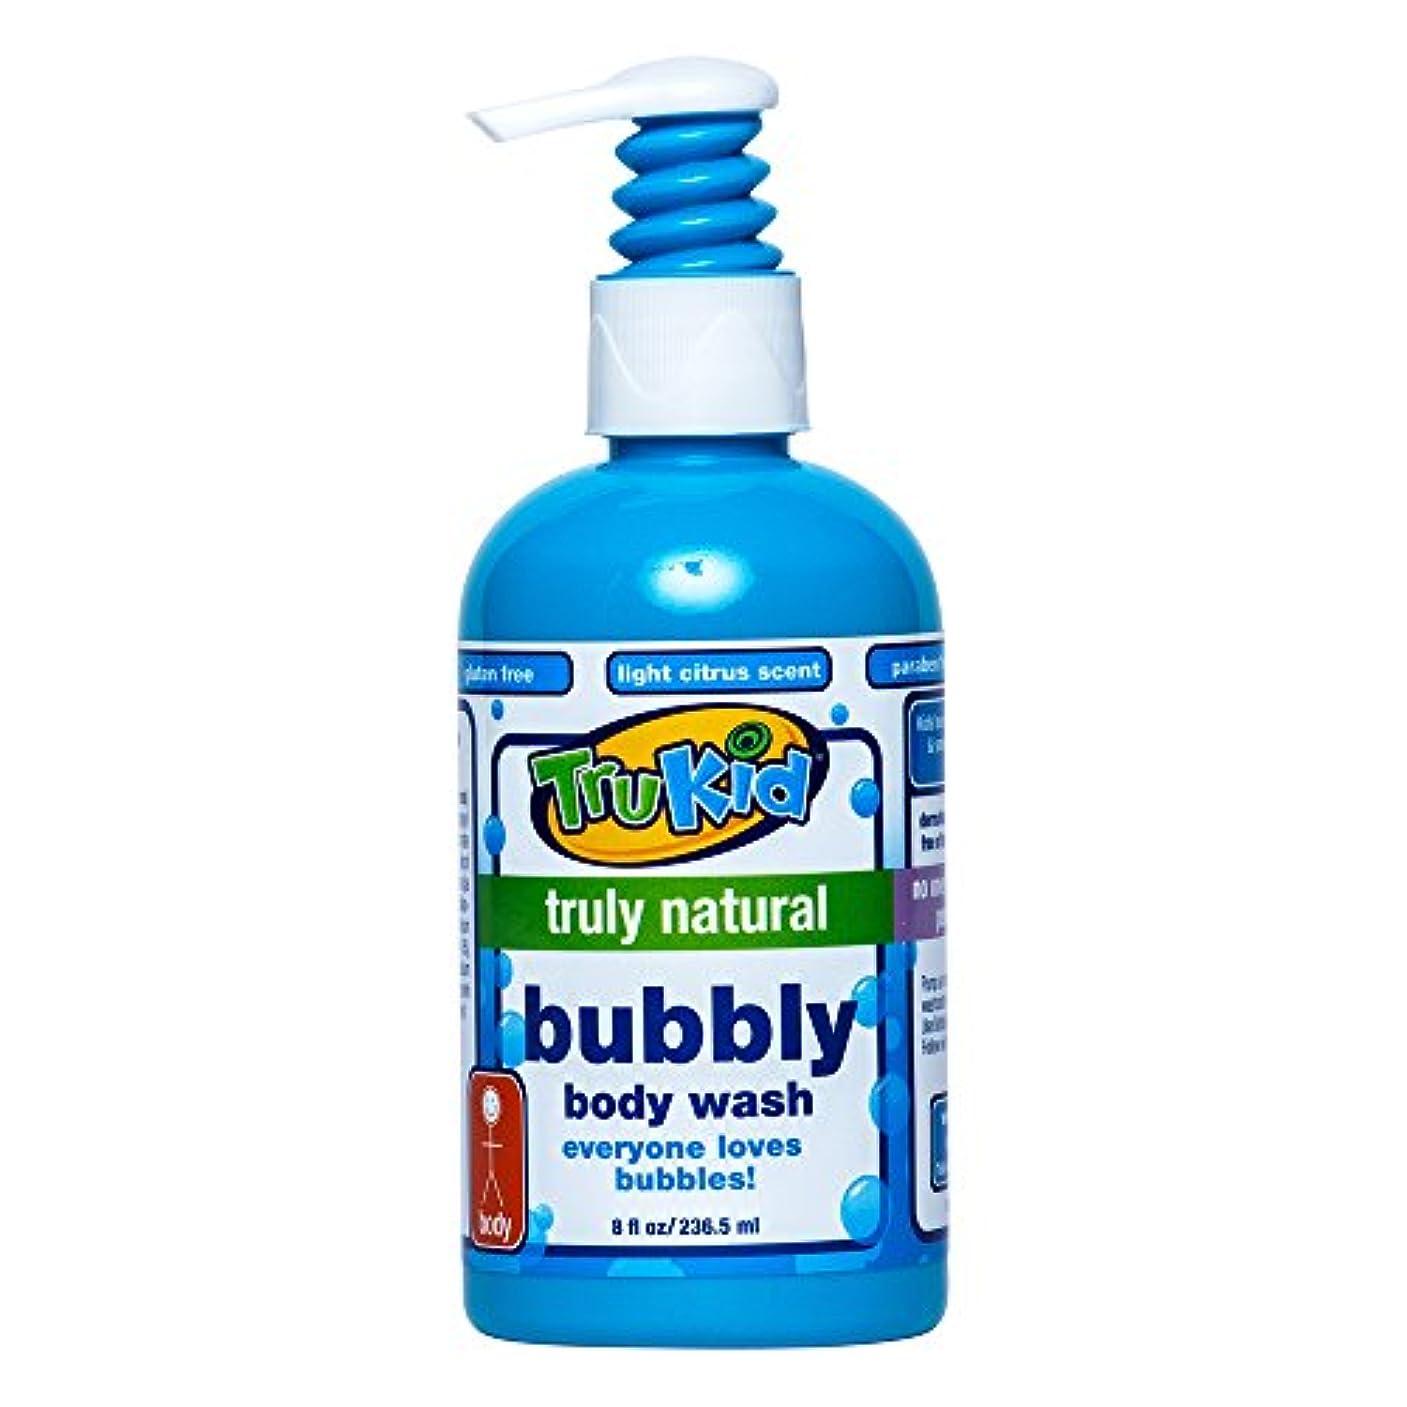 答えワードローブあえてTruKid, Bubbly Body Wash, 8 fl oz (236.5 ml)